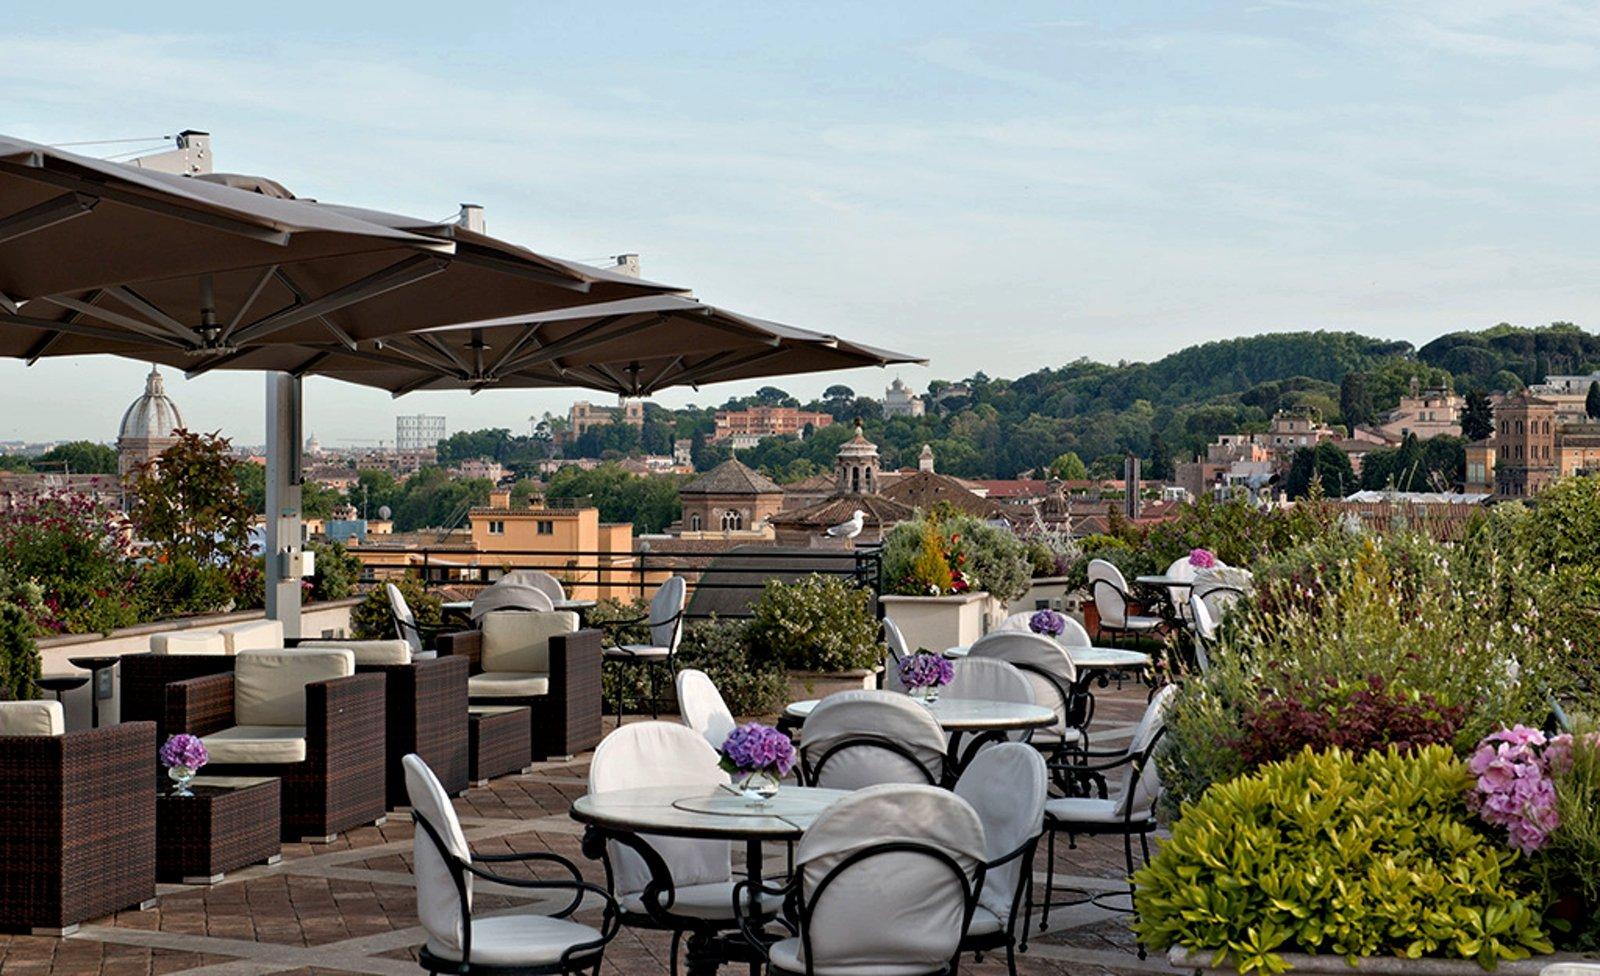 Terrazza Paradiso Restaurant, Rome